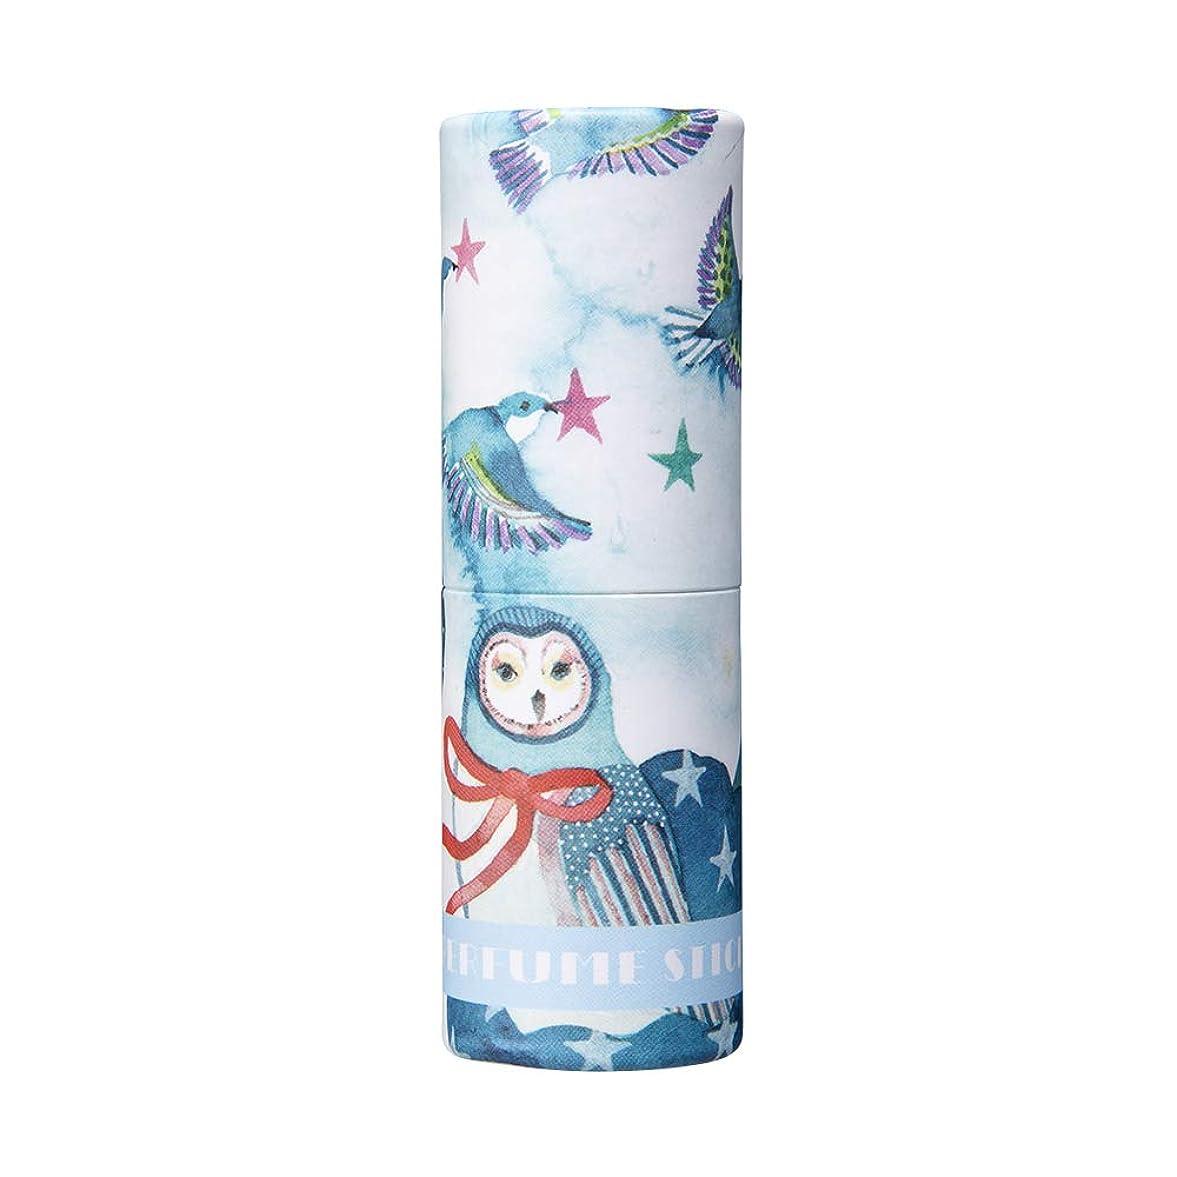 売り手加害者測るパフュームスティック ウィッシュ ホワイトフラワー&シャボンの香り CatoFriendデザイン 5g